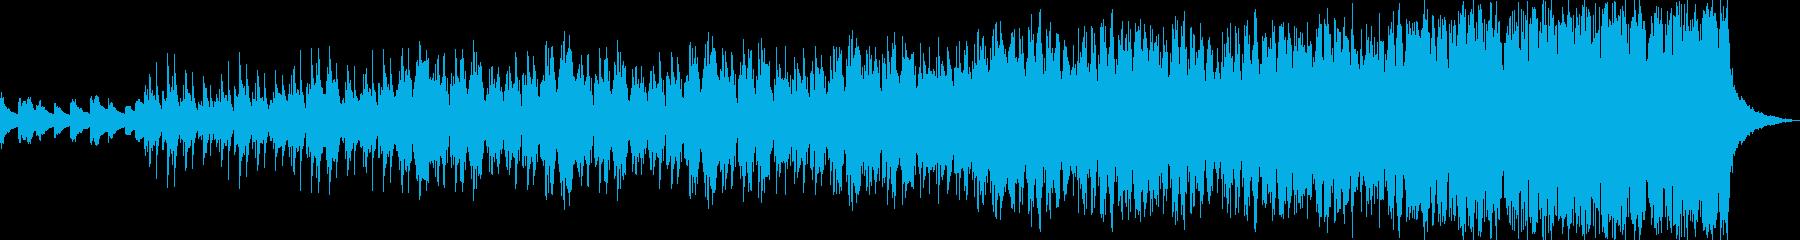 リラックスヒーリング系アンビエントの再生済みの波形